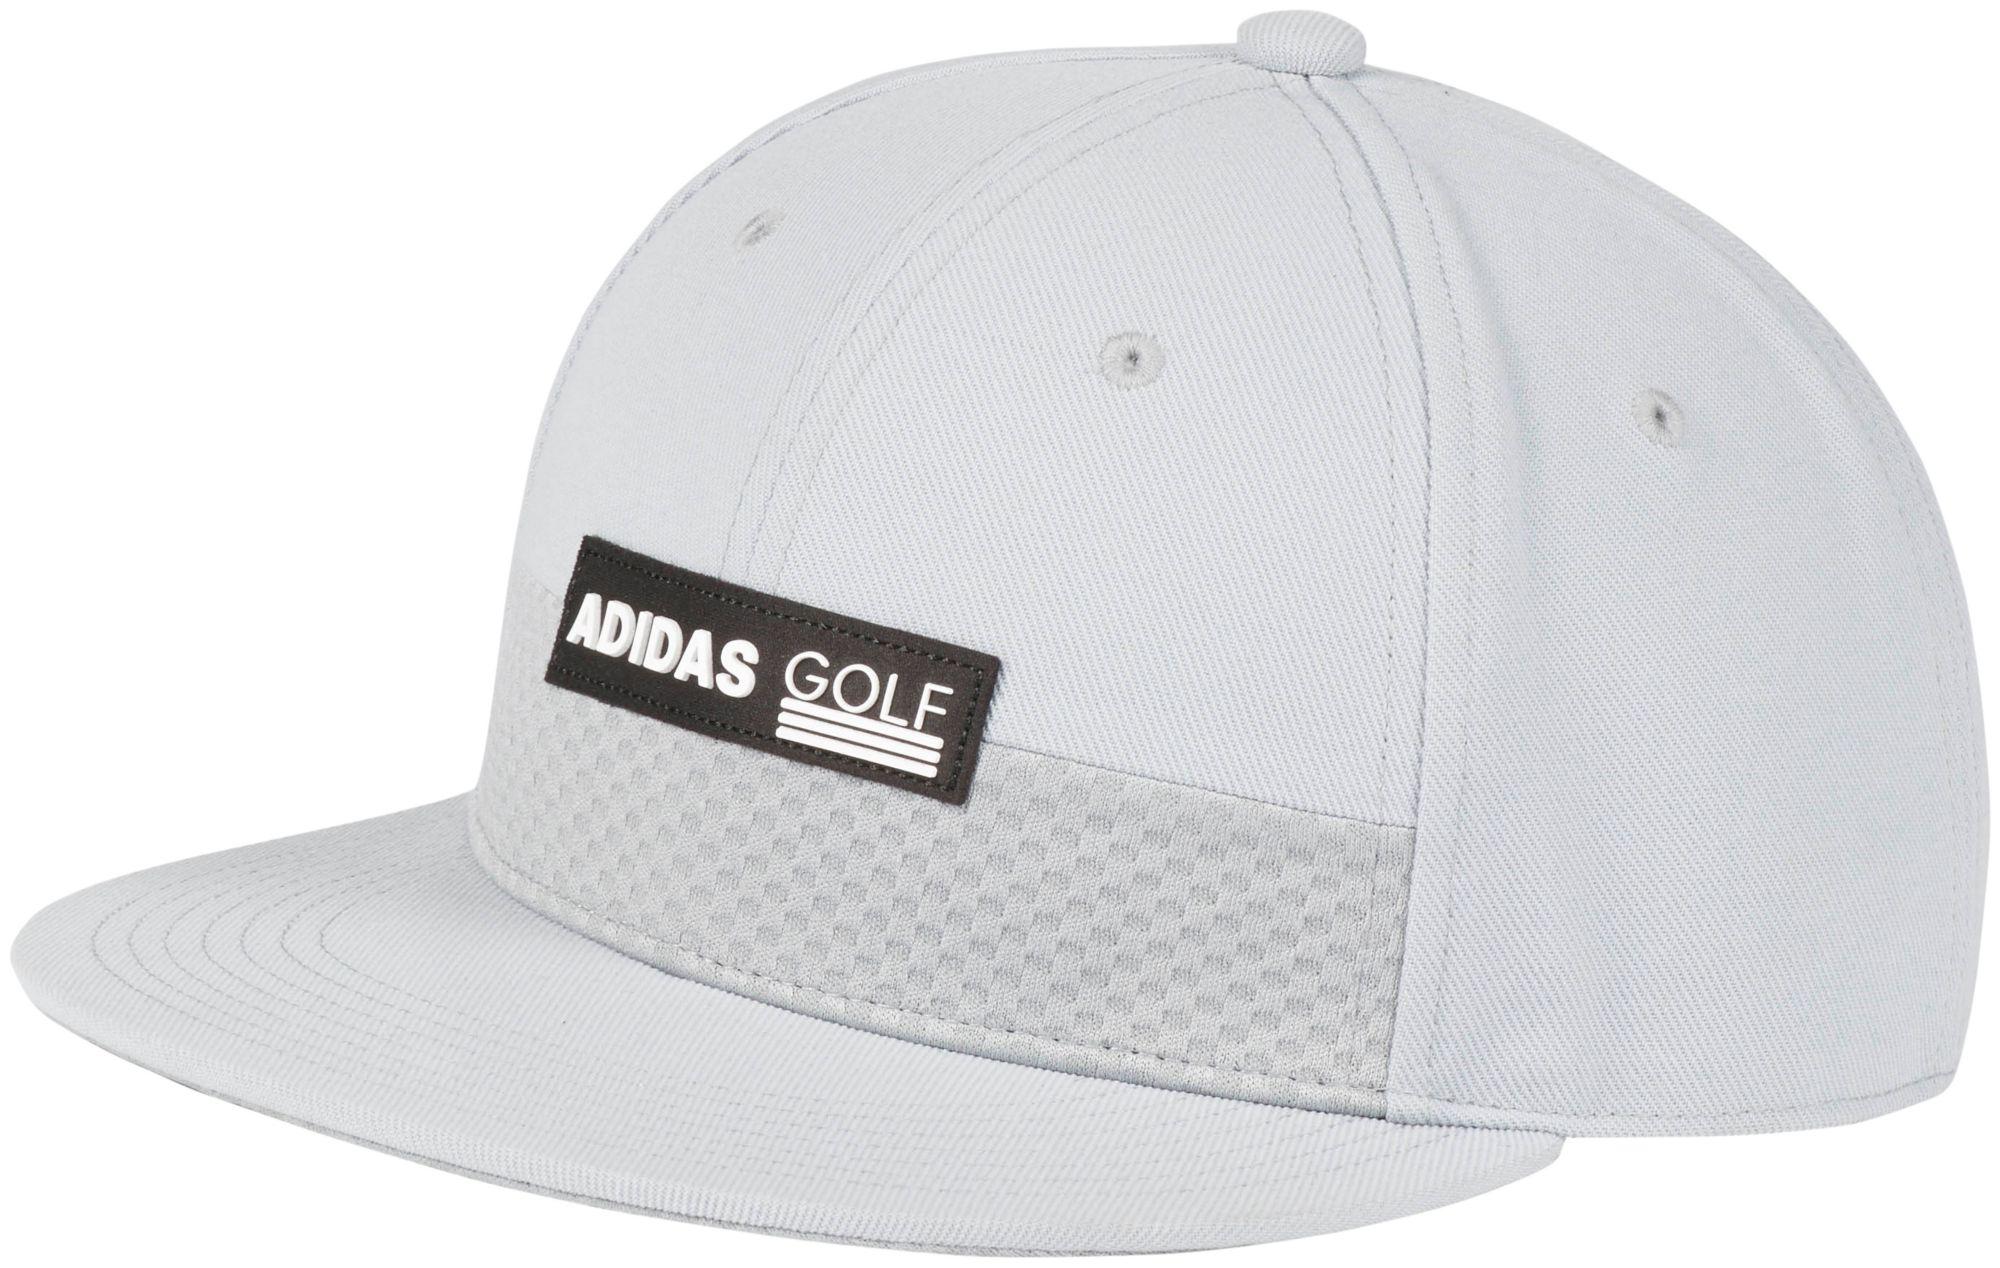 adidas Men s Patch Flat Bill Golf Hat  7e0fad864b3